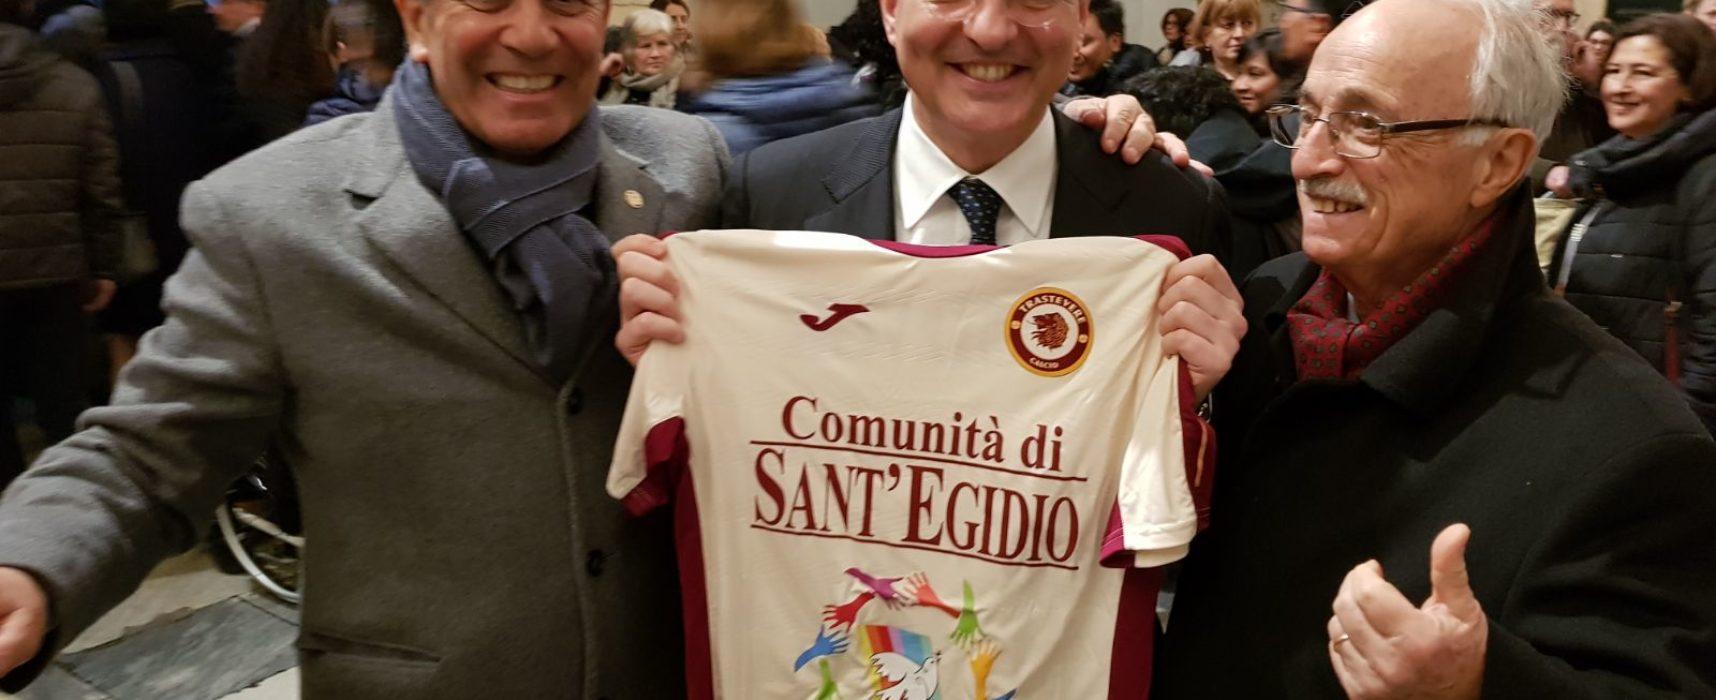 Cinquant'anni della Comunità di Sant'Egidio a Santa Maria in Trastevere